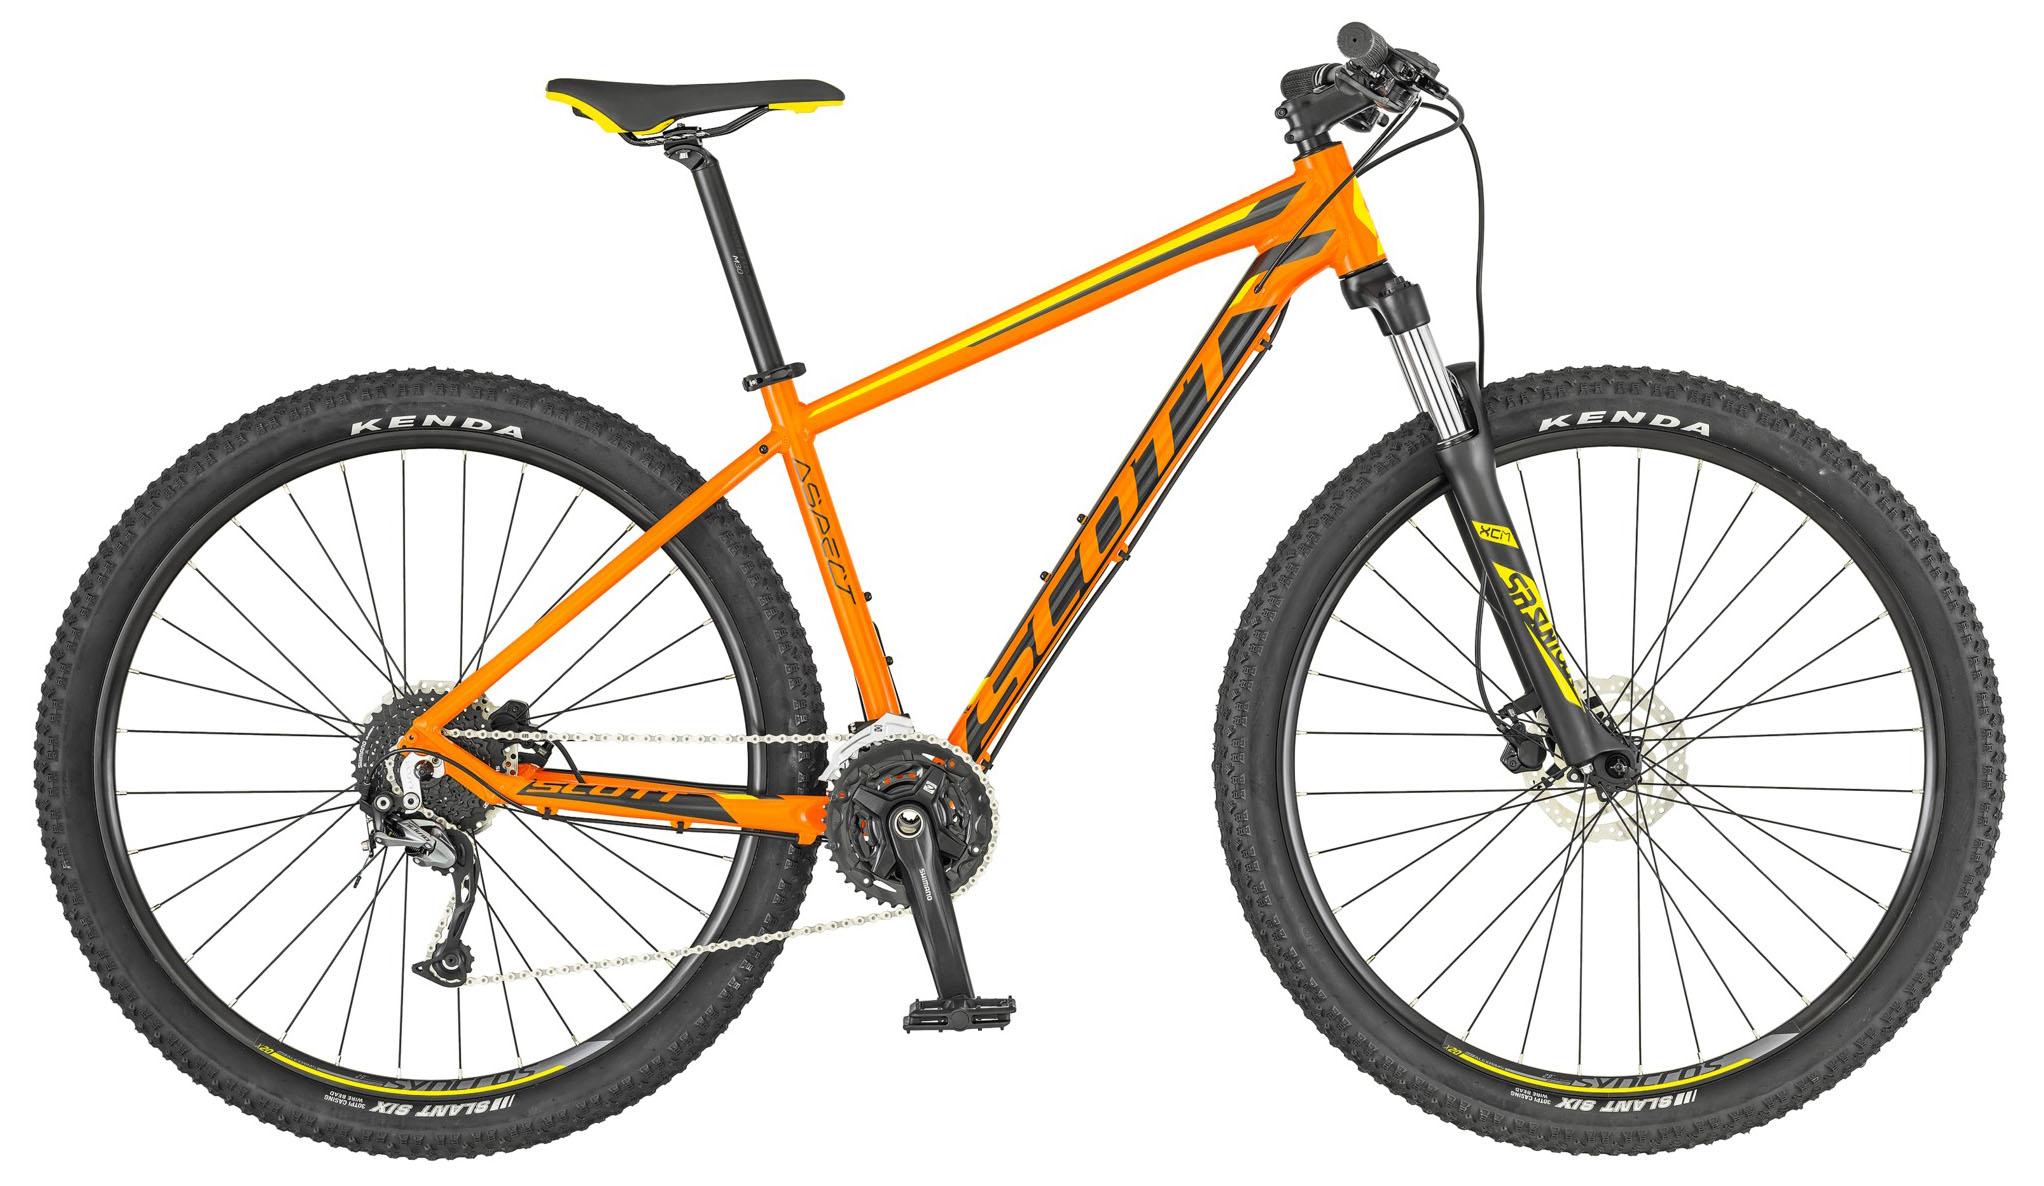 Велосипед Scott Aspect 740 2019 new in stock jw030a1 m